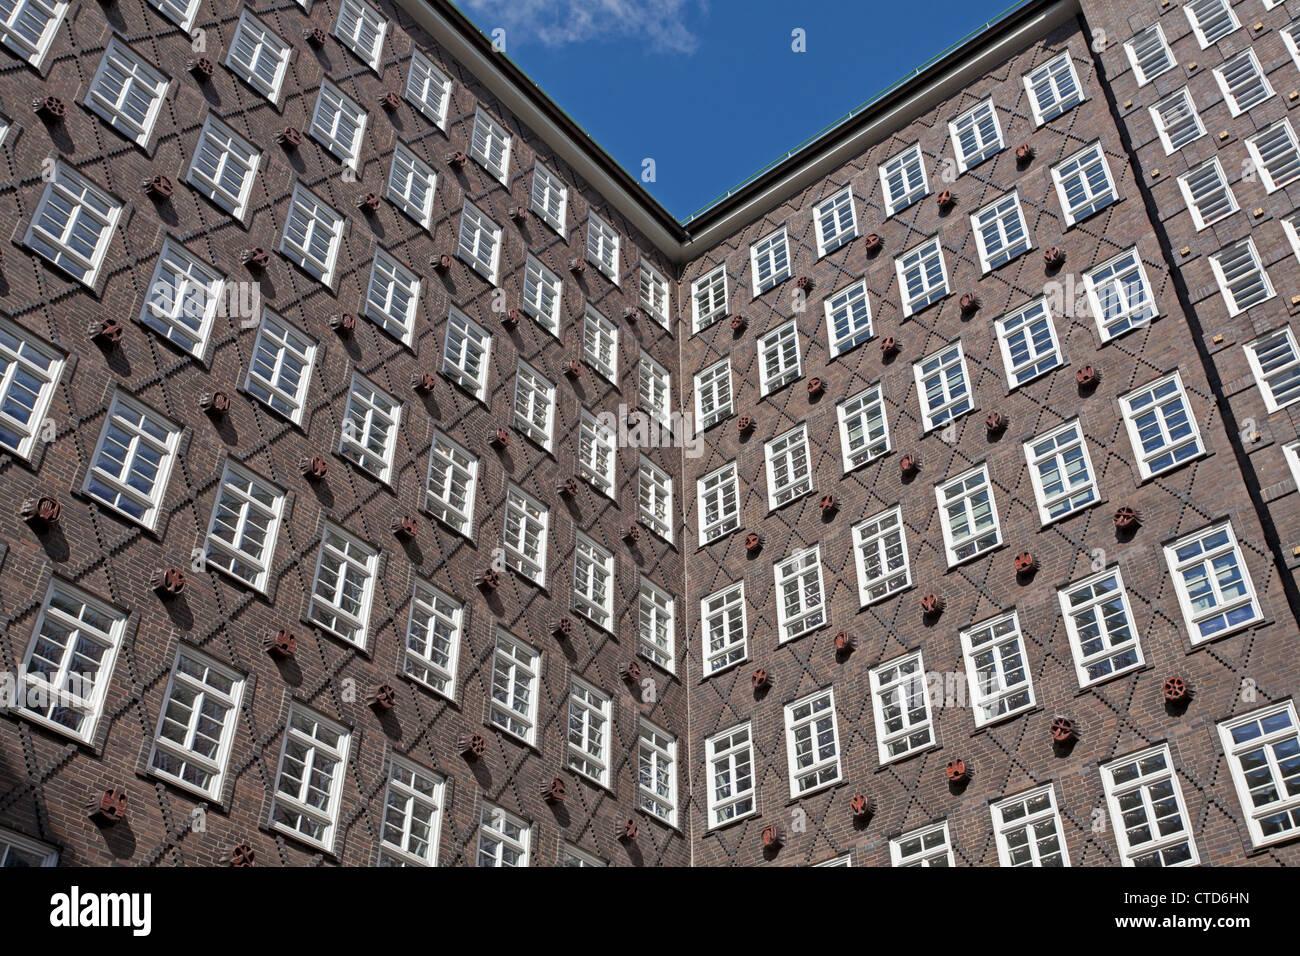 architektur in hamburg deutschland stockfoto bild 49463057 alamy. Black Bedroom Furniture Sets. Home Design Ideas